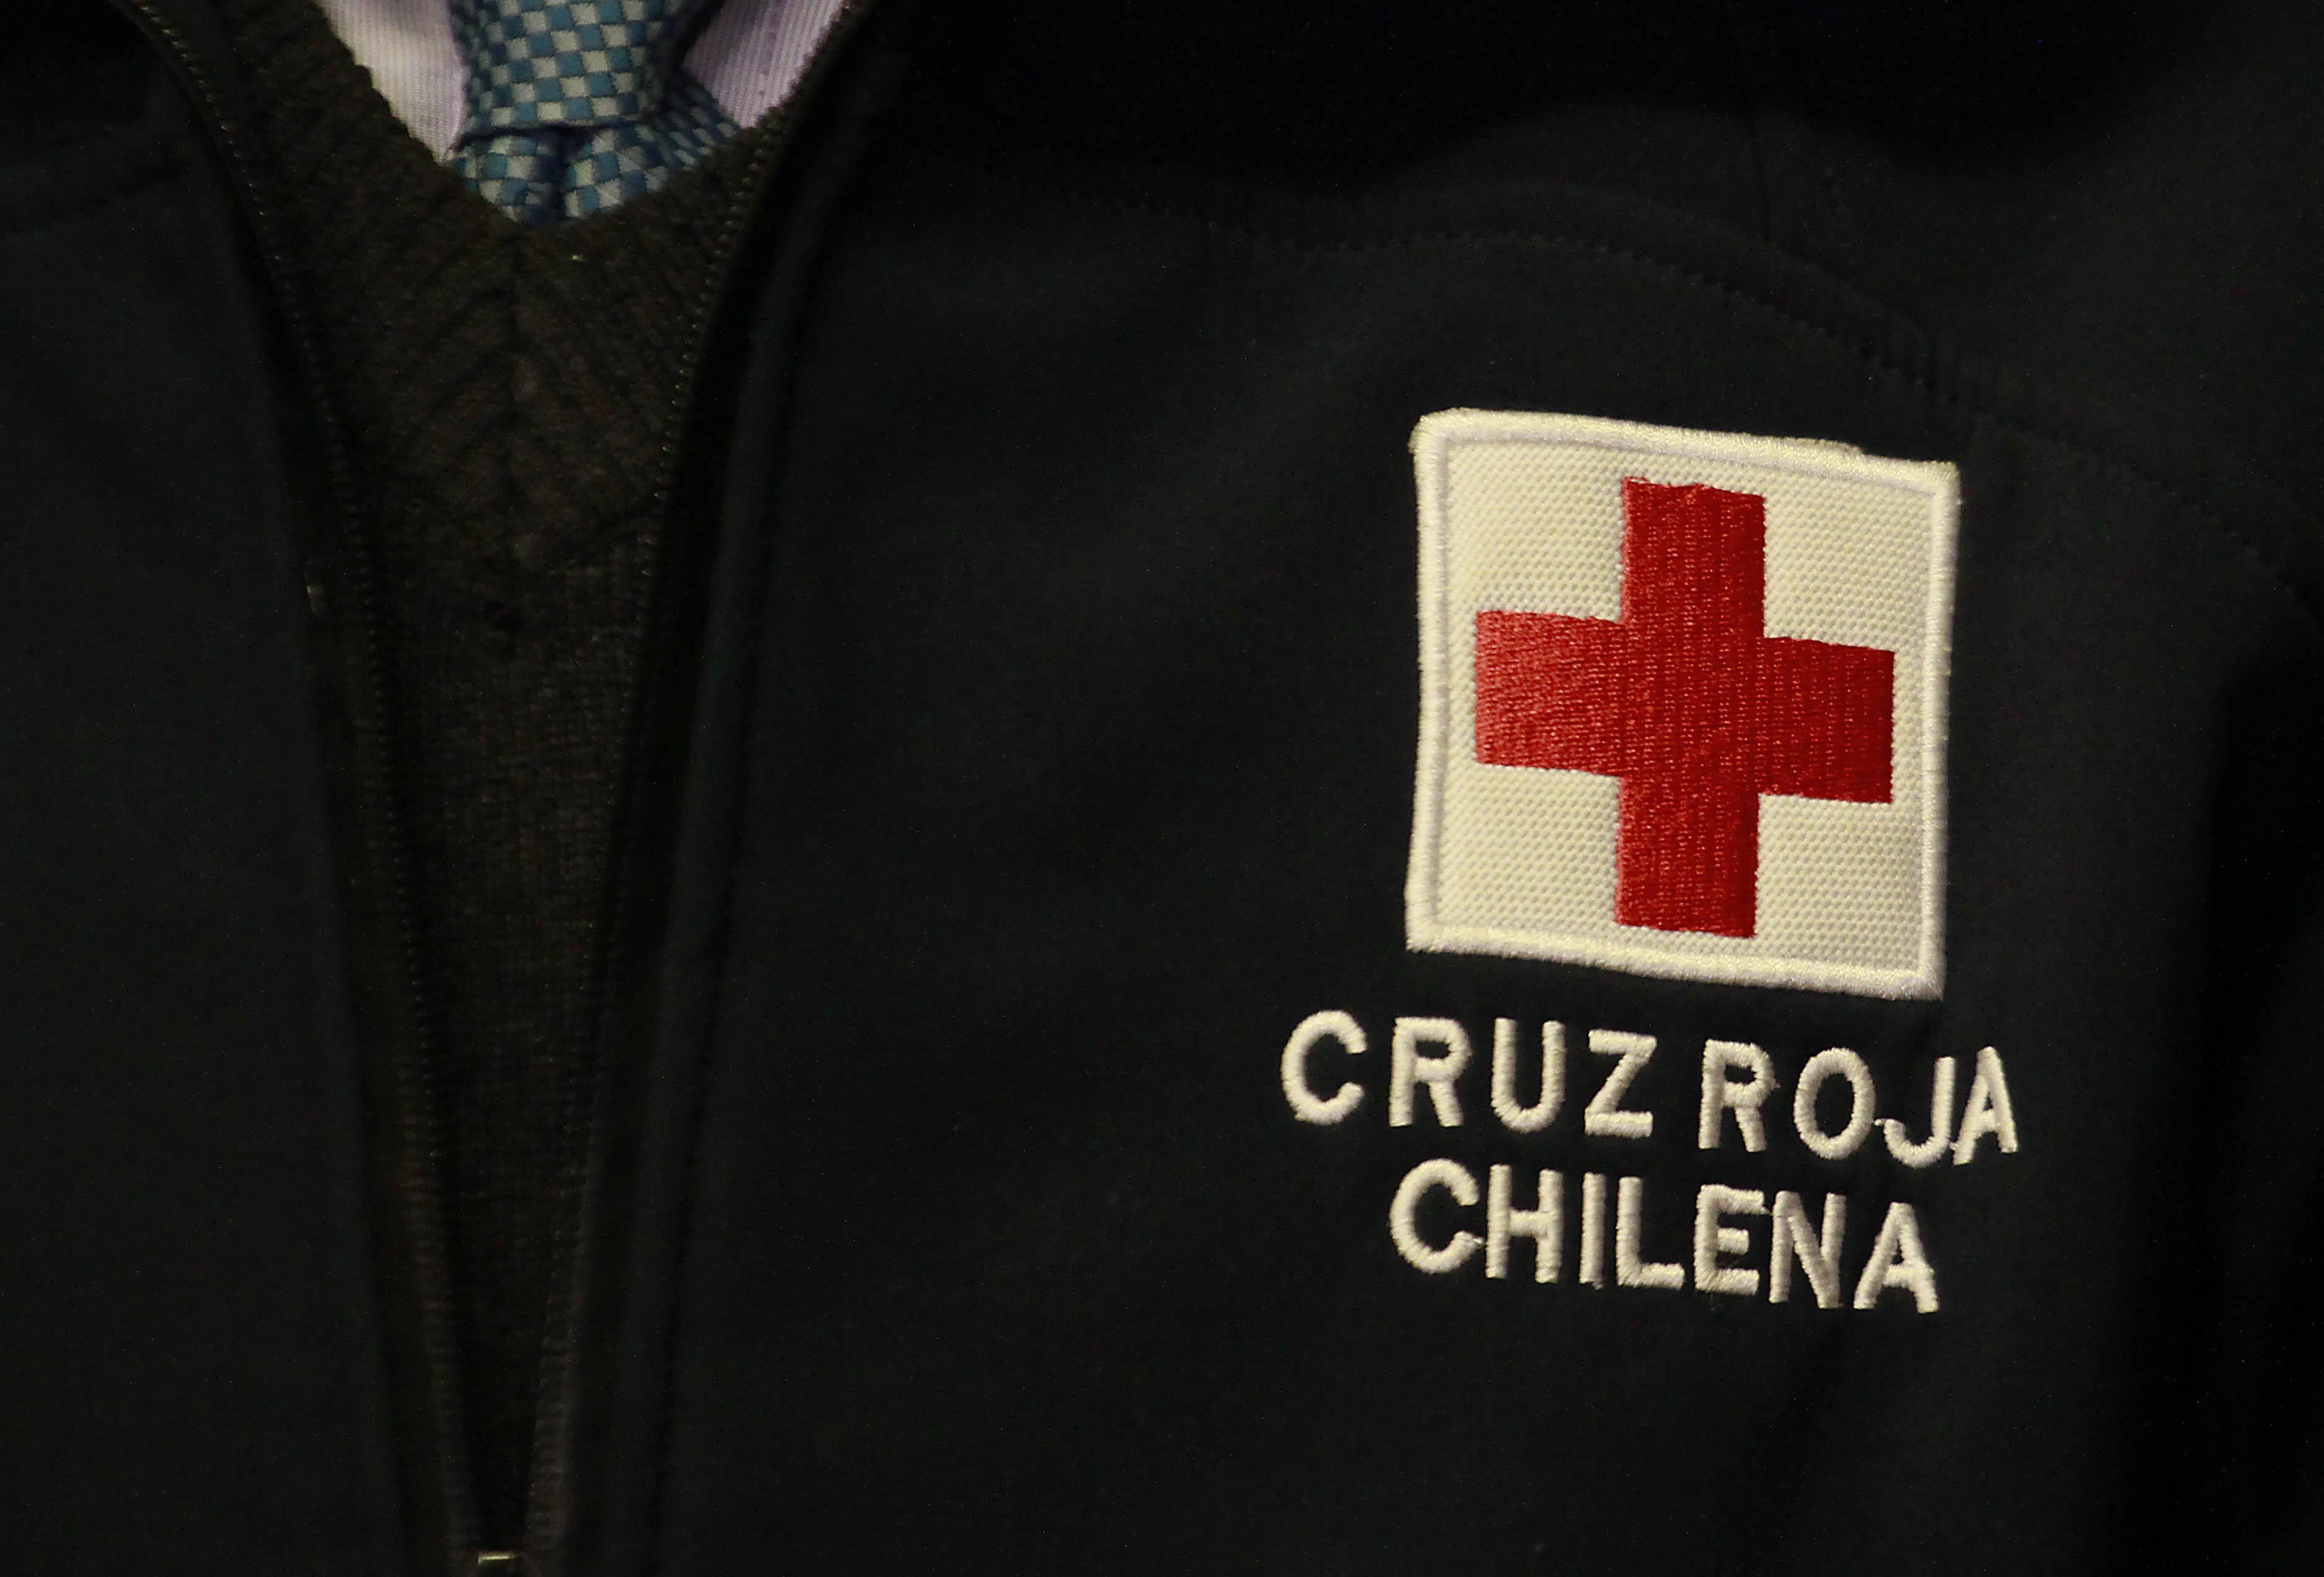 """""""Auditoría detecta desvíos de dineros e irregularidades financieras en la Cruz Roja chilena"""""""